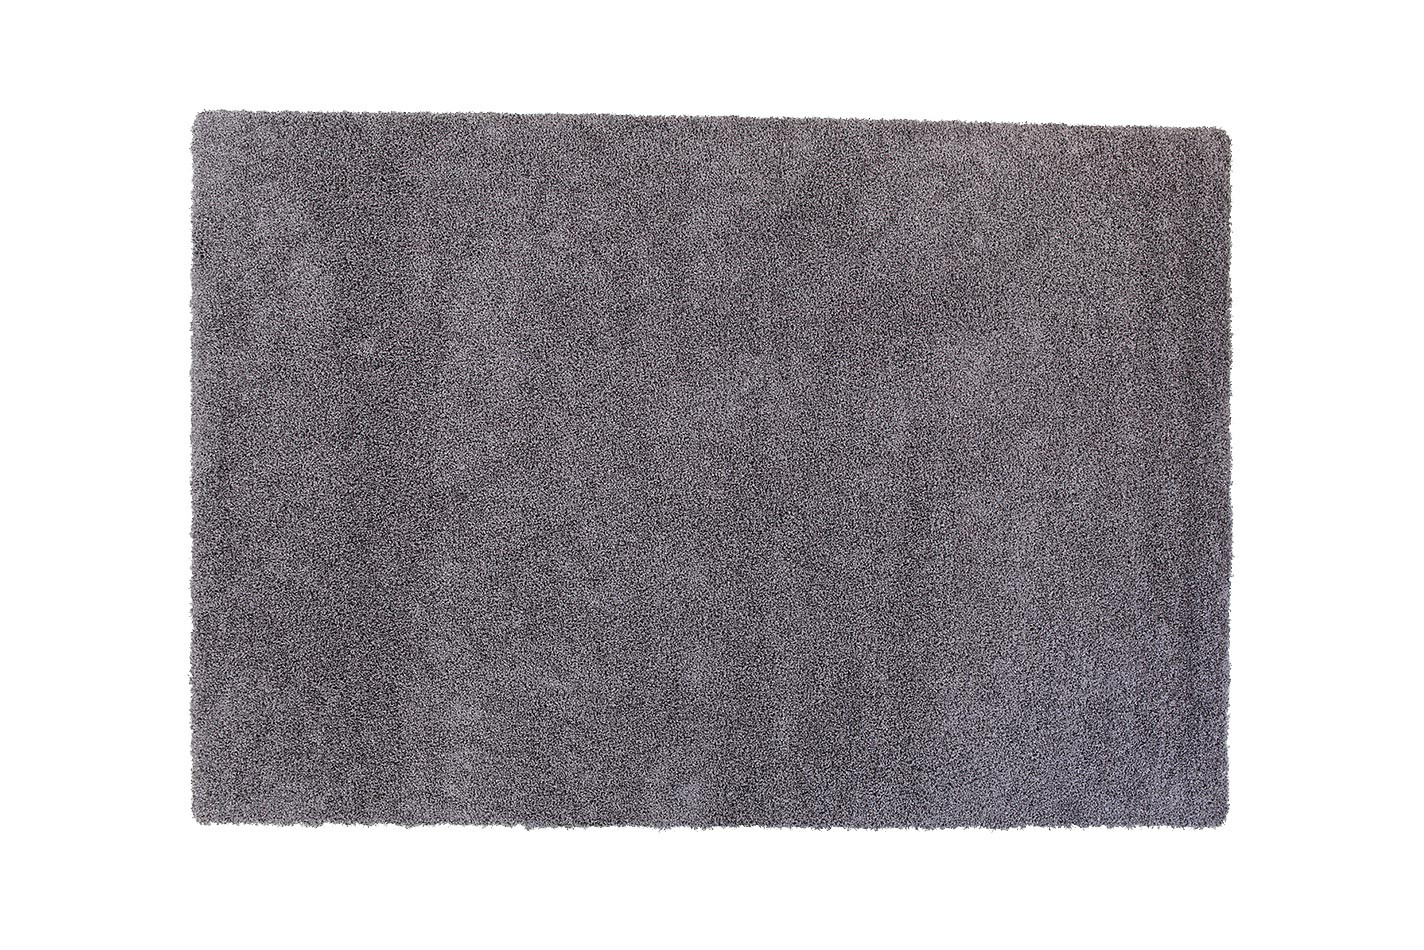 1479727289_elysee-71-grey-jpg